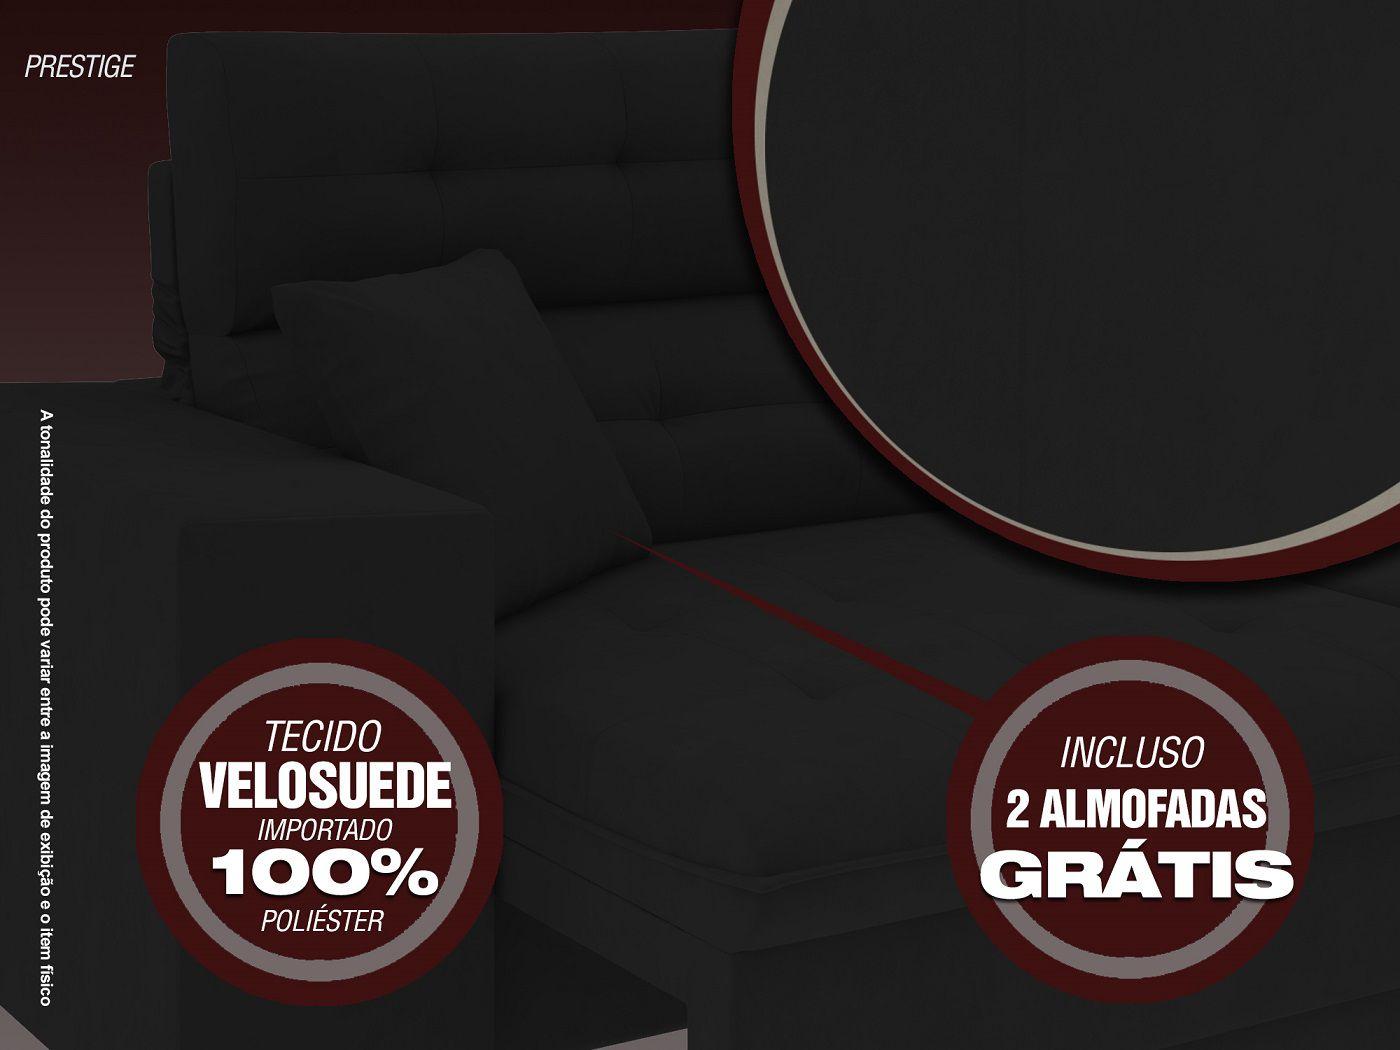 Sofá 4 Lugares Net Prestige Assento Retrátil e Reclinável Preto 2,30m (L)  - NETSOFÁS